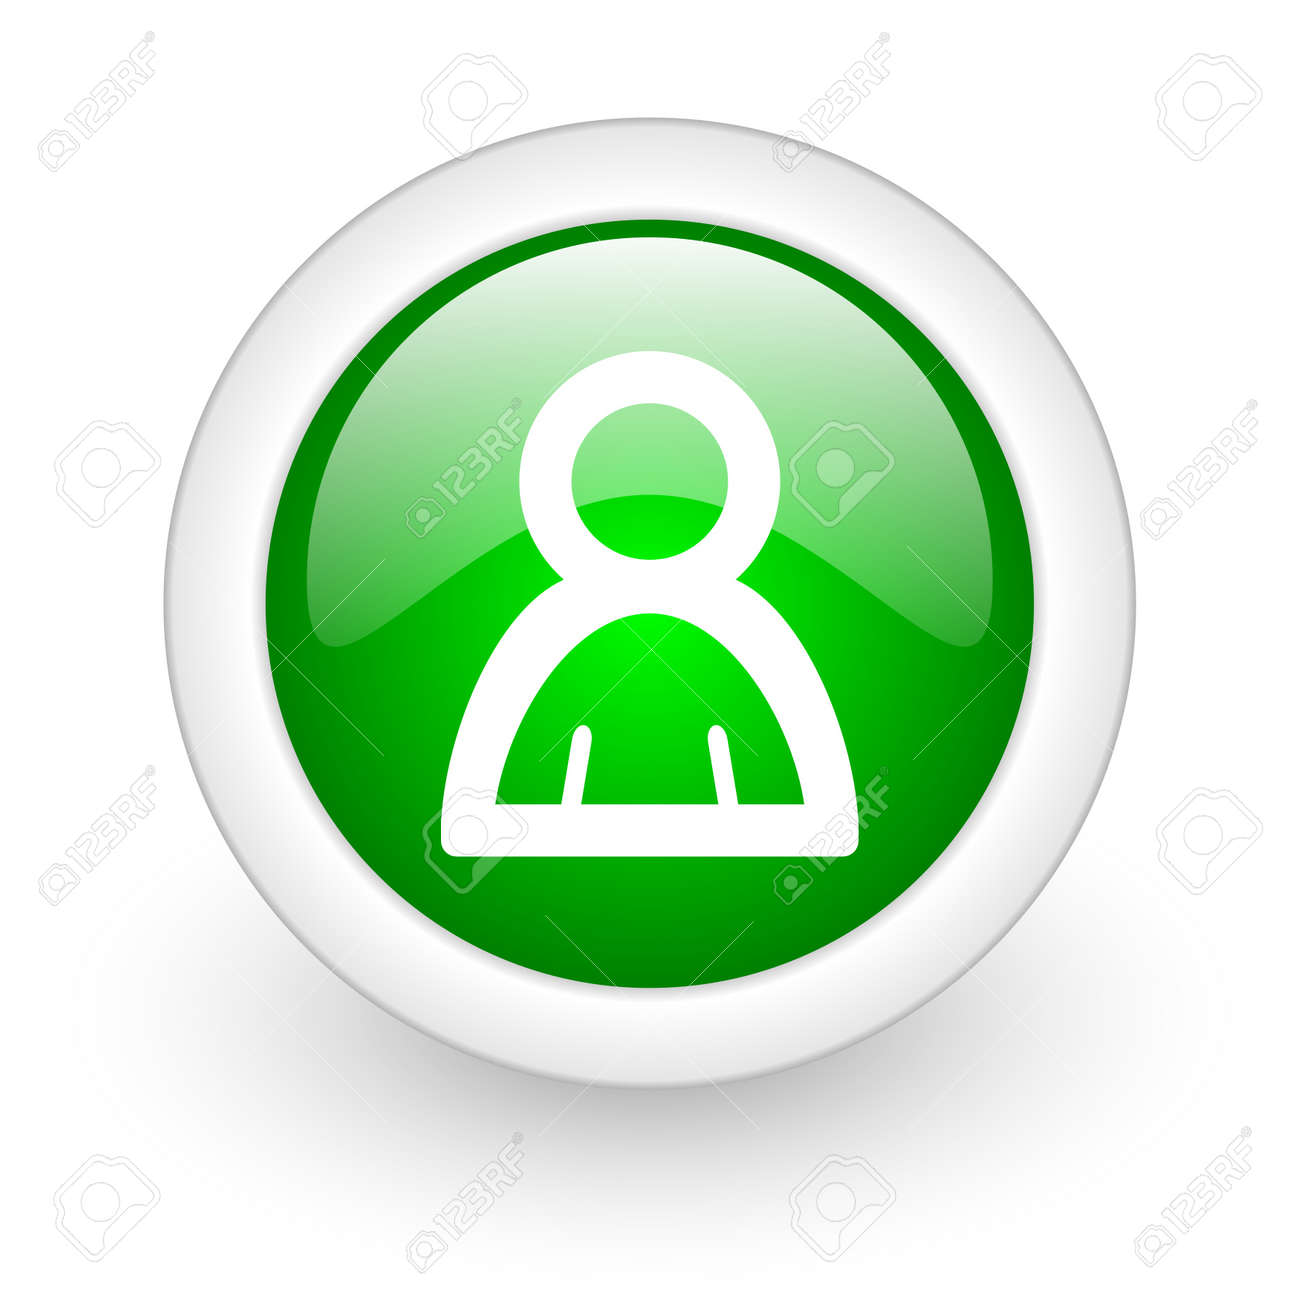 person web button Stock Photo - 11872107